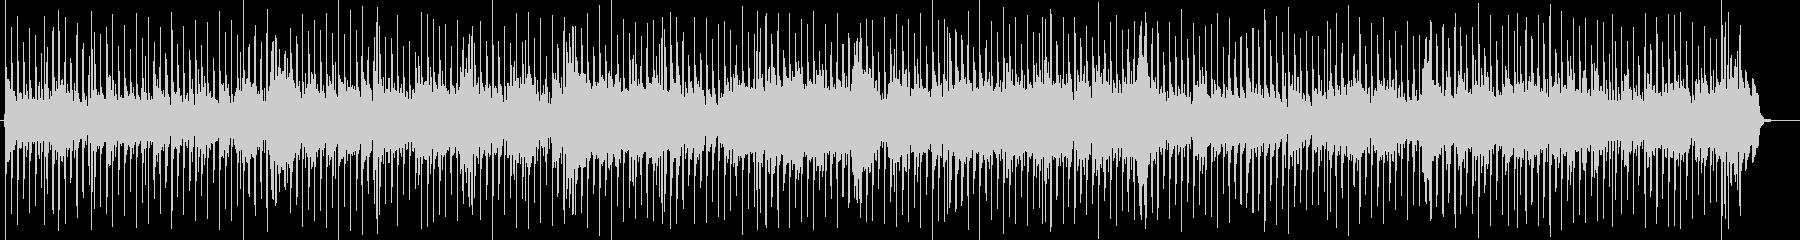 可愛いカントリーミュージックBGMの未再生の波形